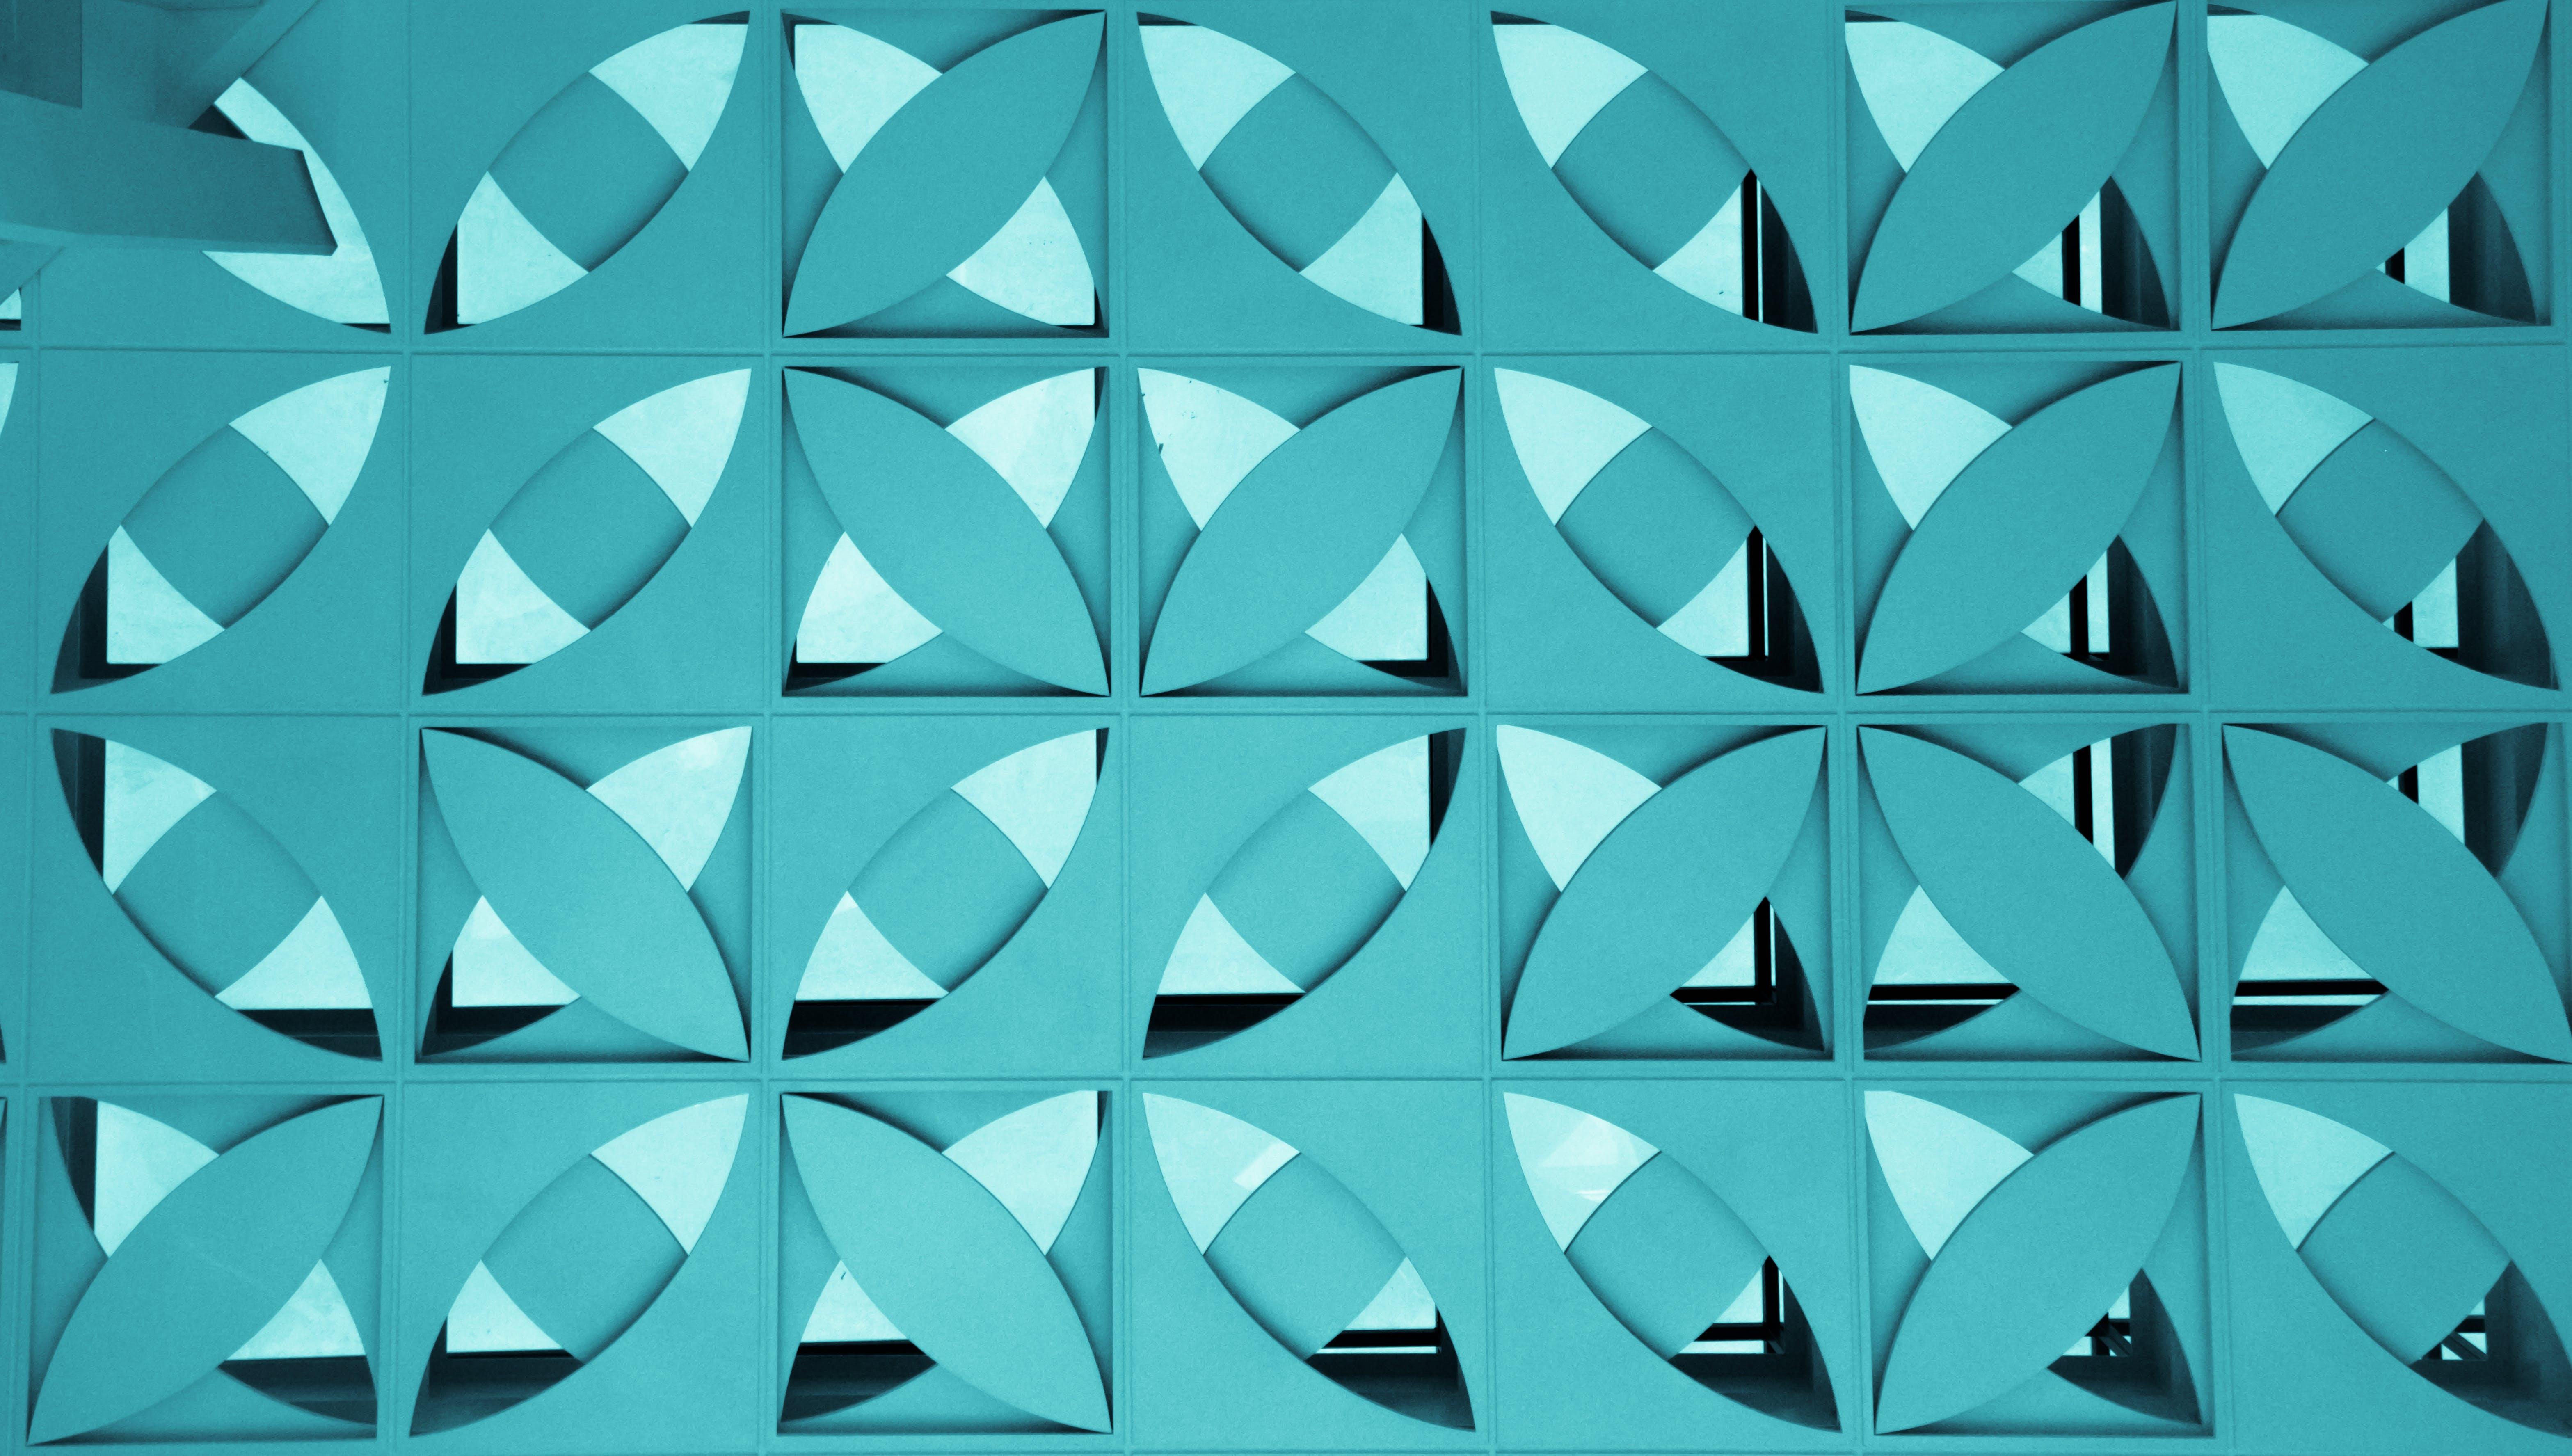 Kostenloses Stock Foto zu abbildung, abstrakt, blau, dekoration